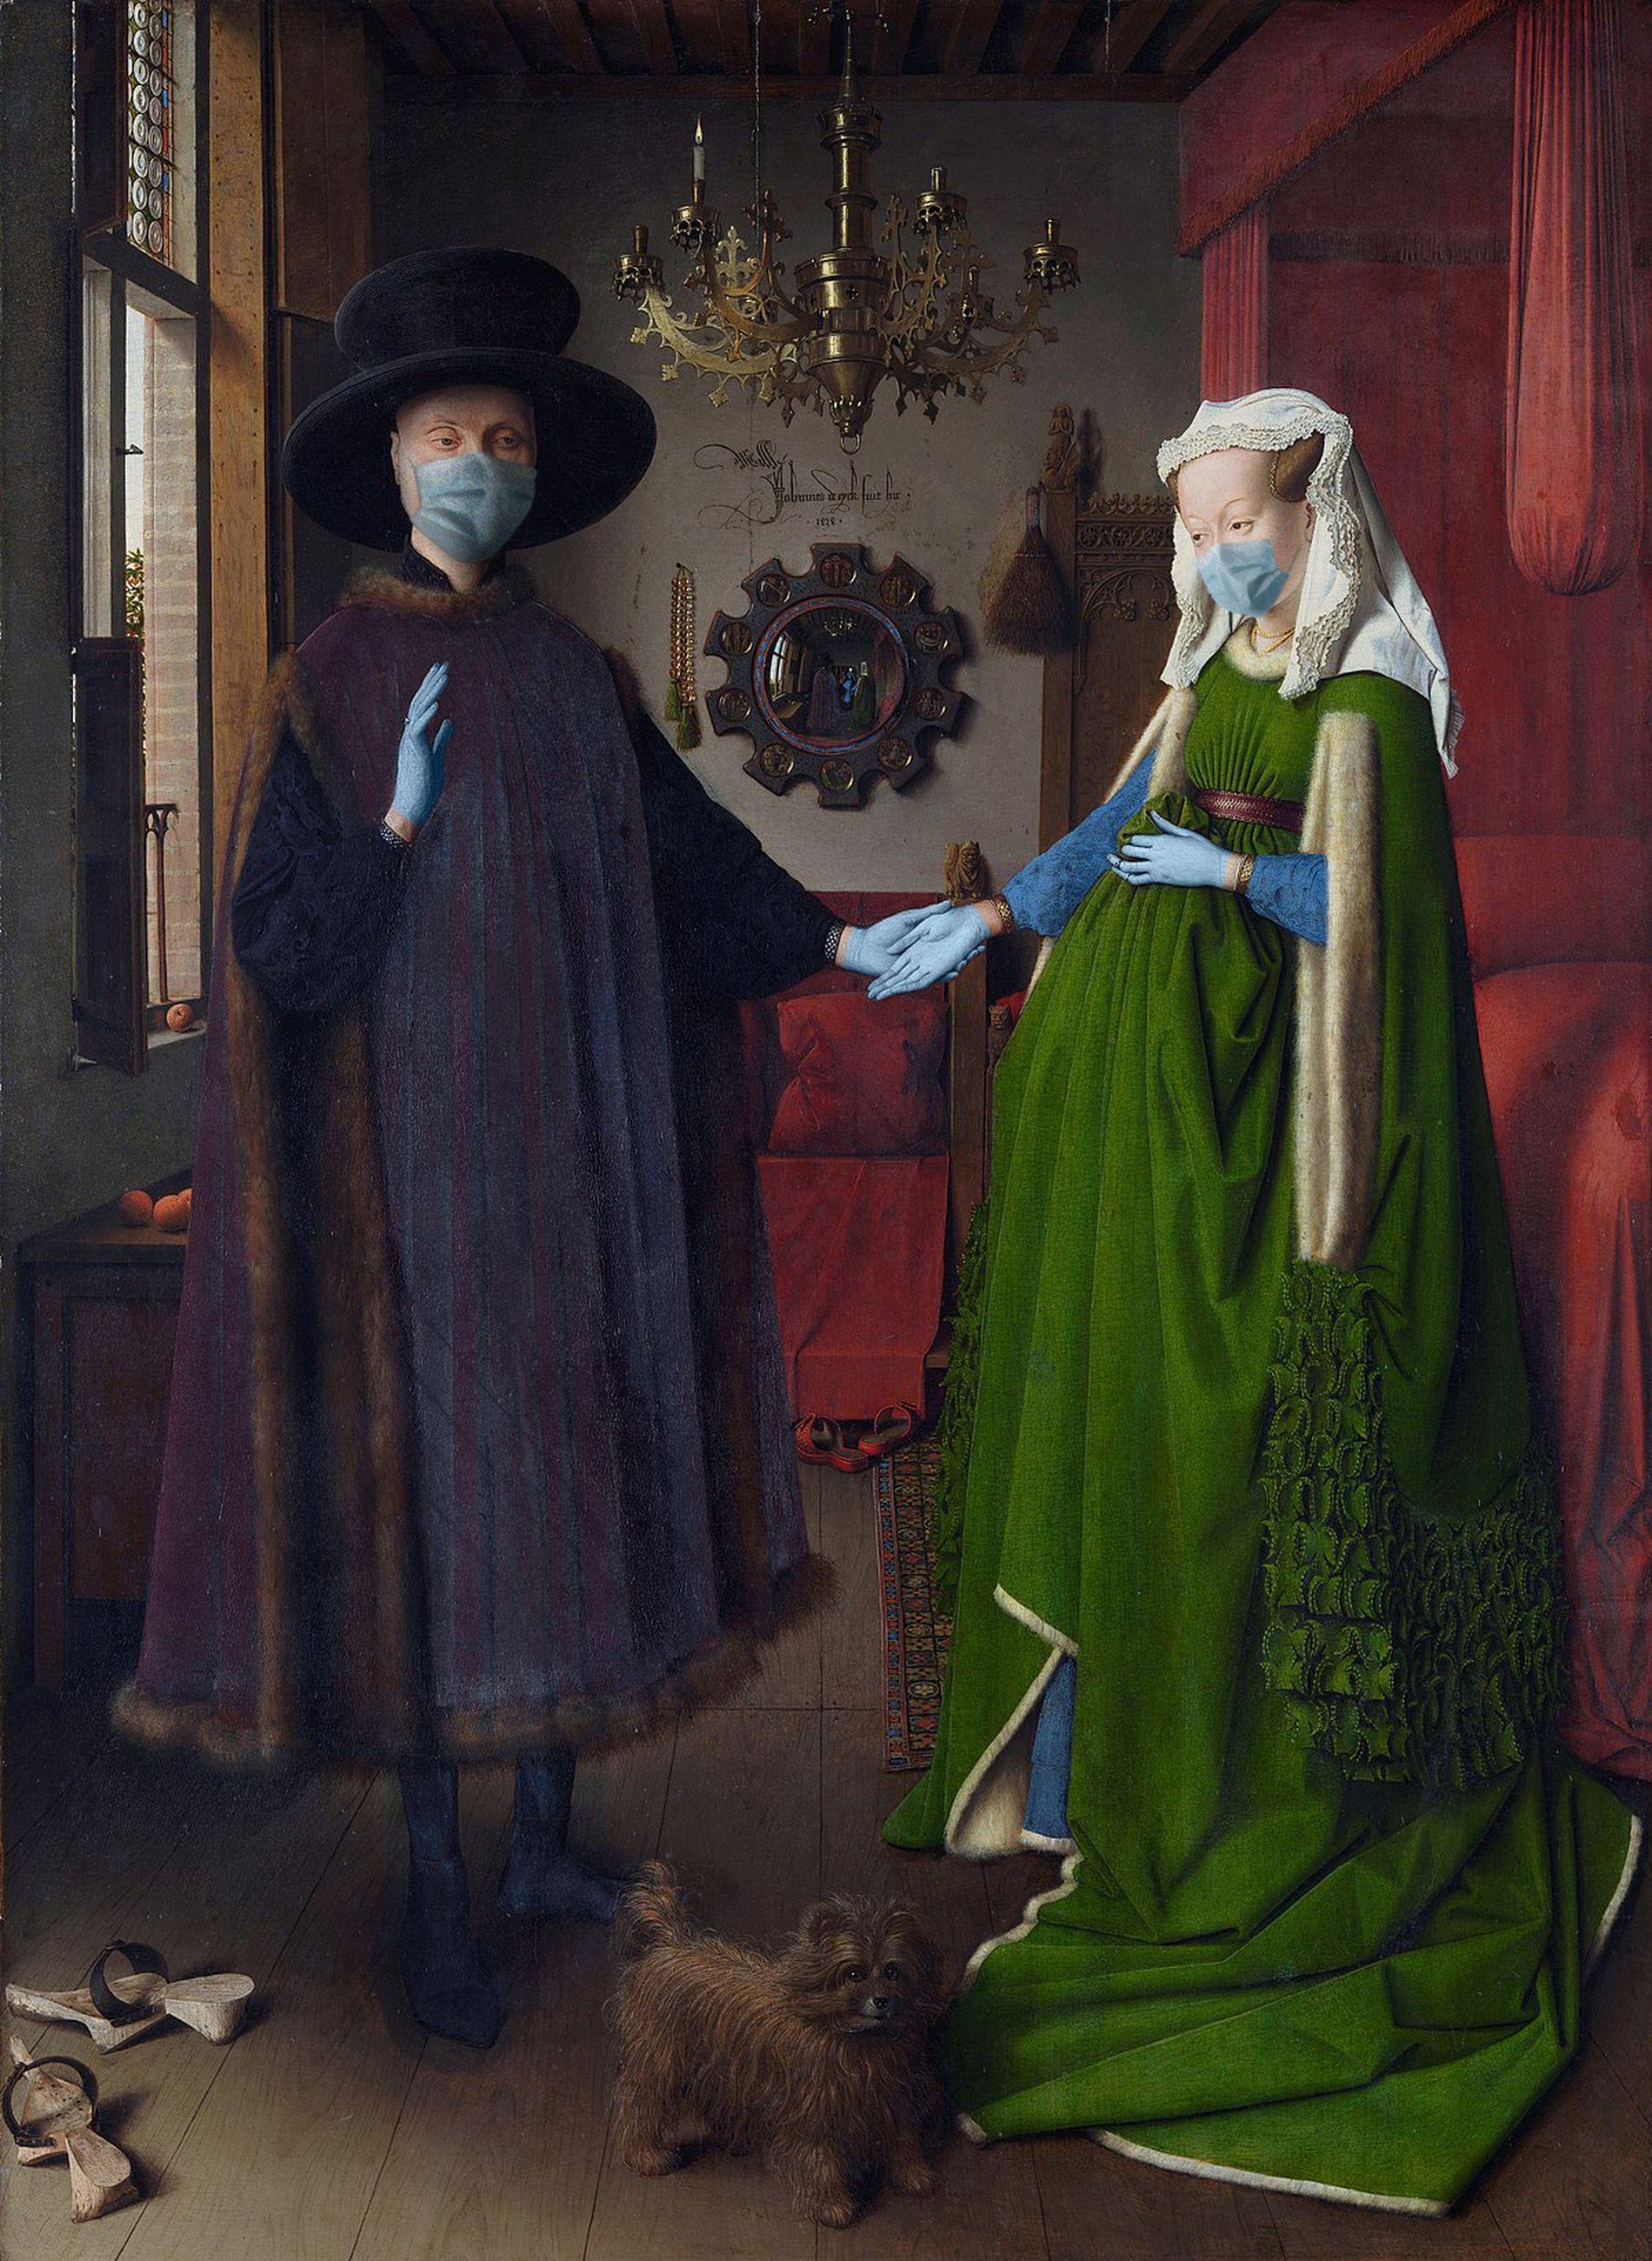 Retrato de Giovanni Arnolfini y su esposa / Jan van Eyck/POA Estudio